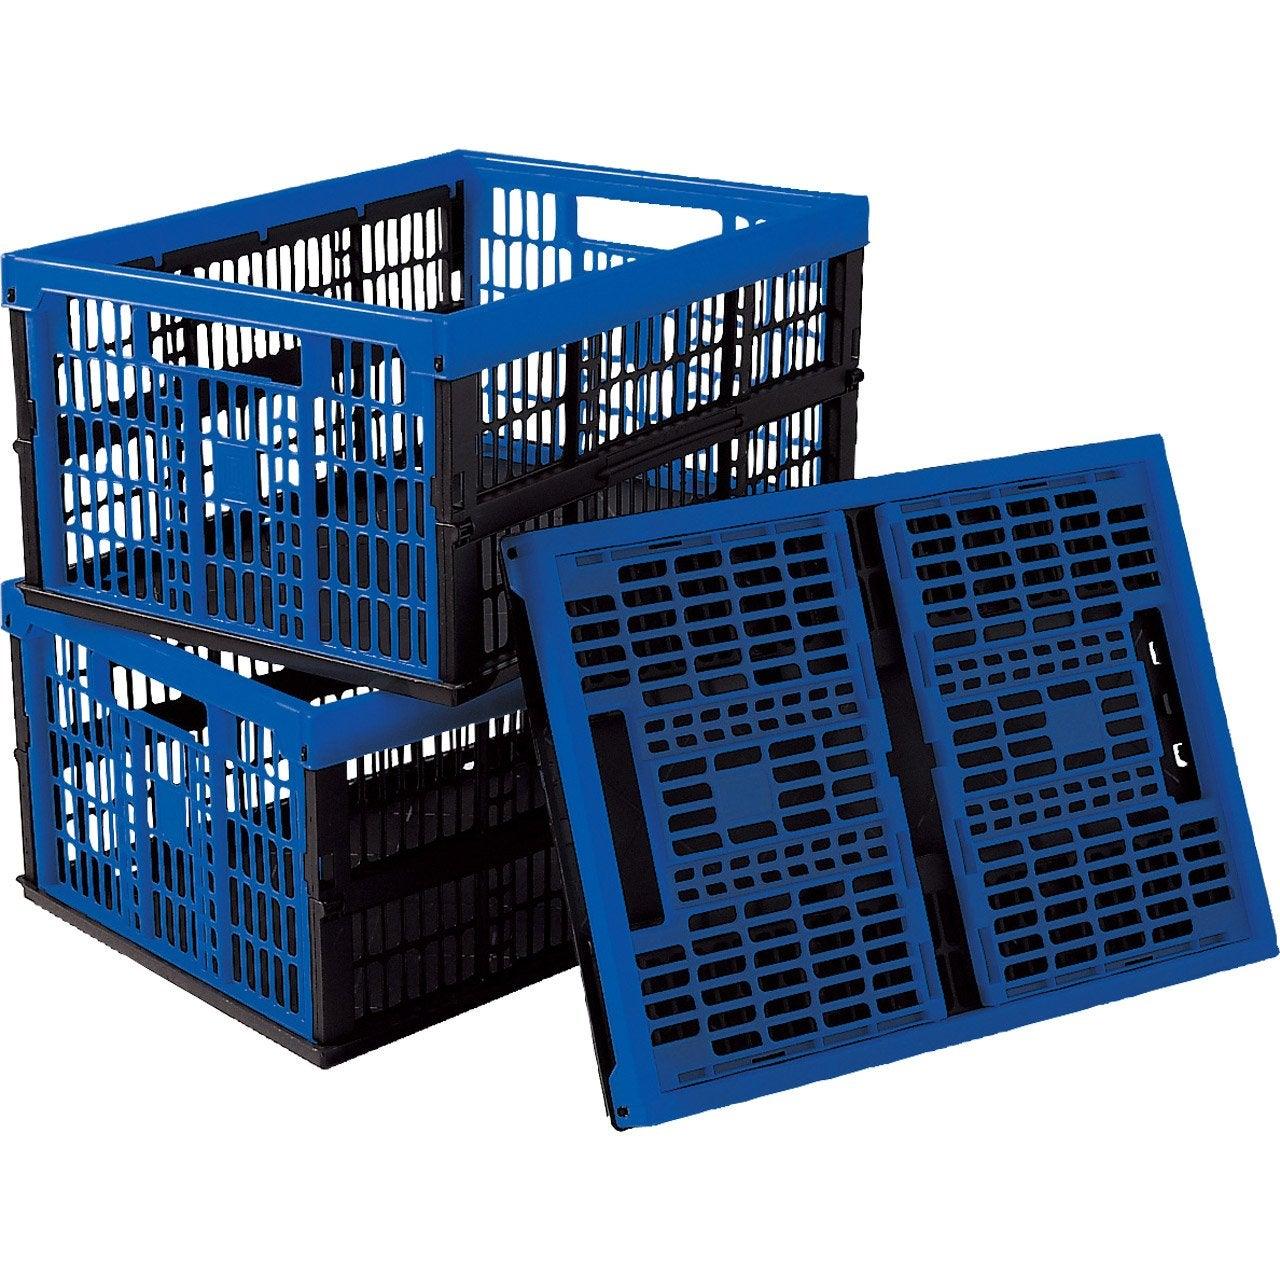 lot de 3 casiers pliables voila en plastique l 35 x p 48 x h 12 cm 32 l leroy merlin. Black Bedroom Furniture Sets. Home Design Ideas